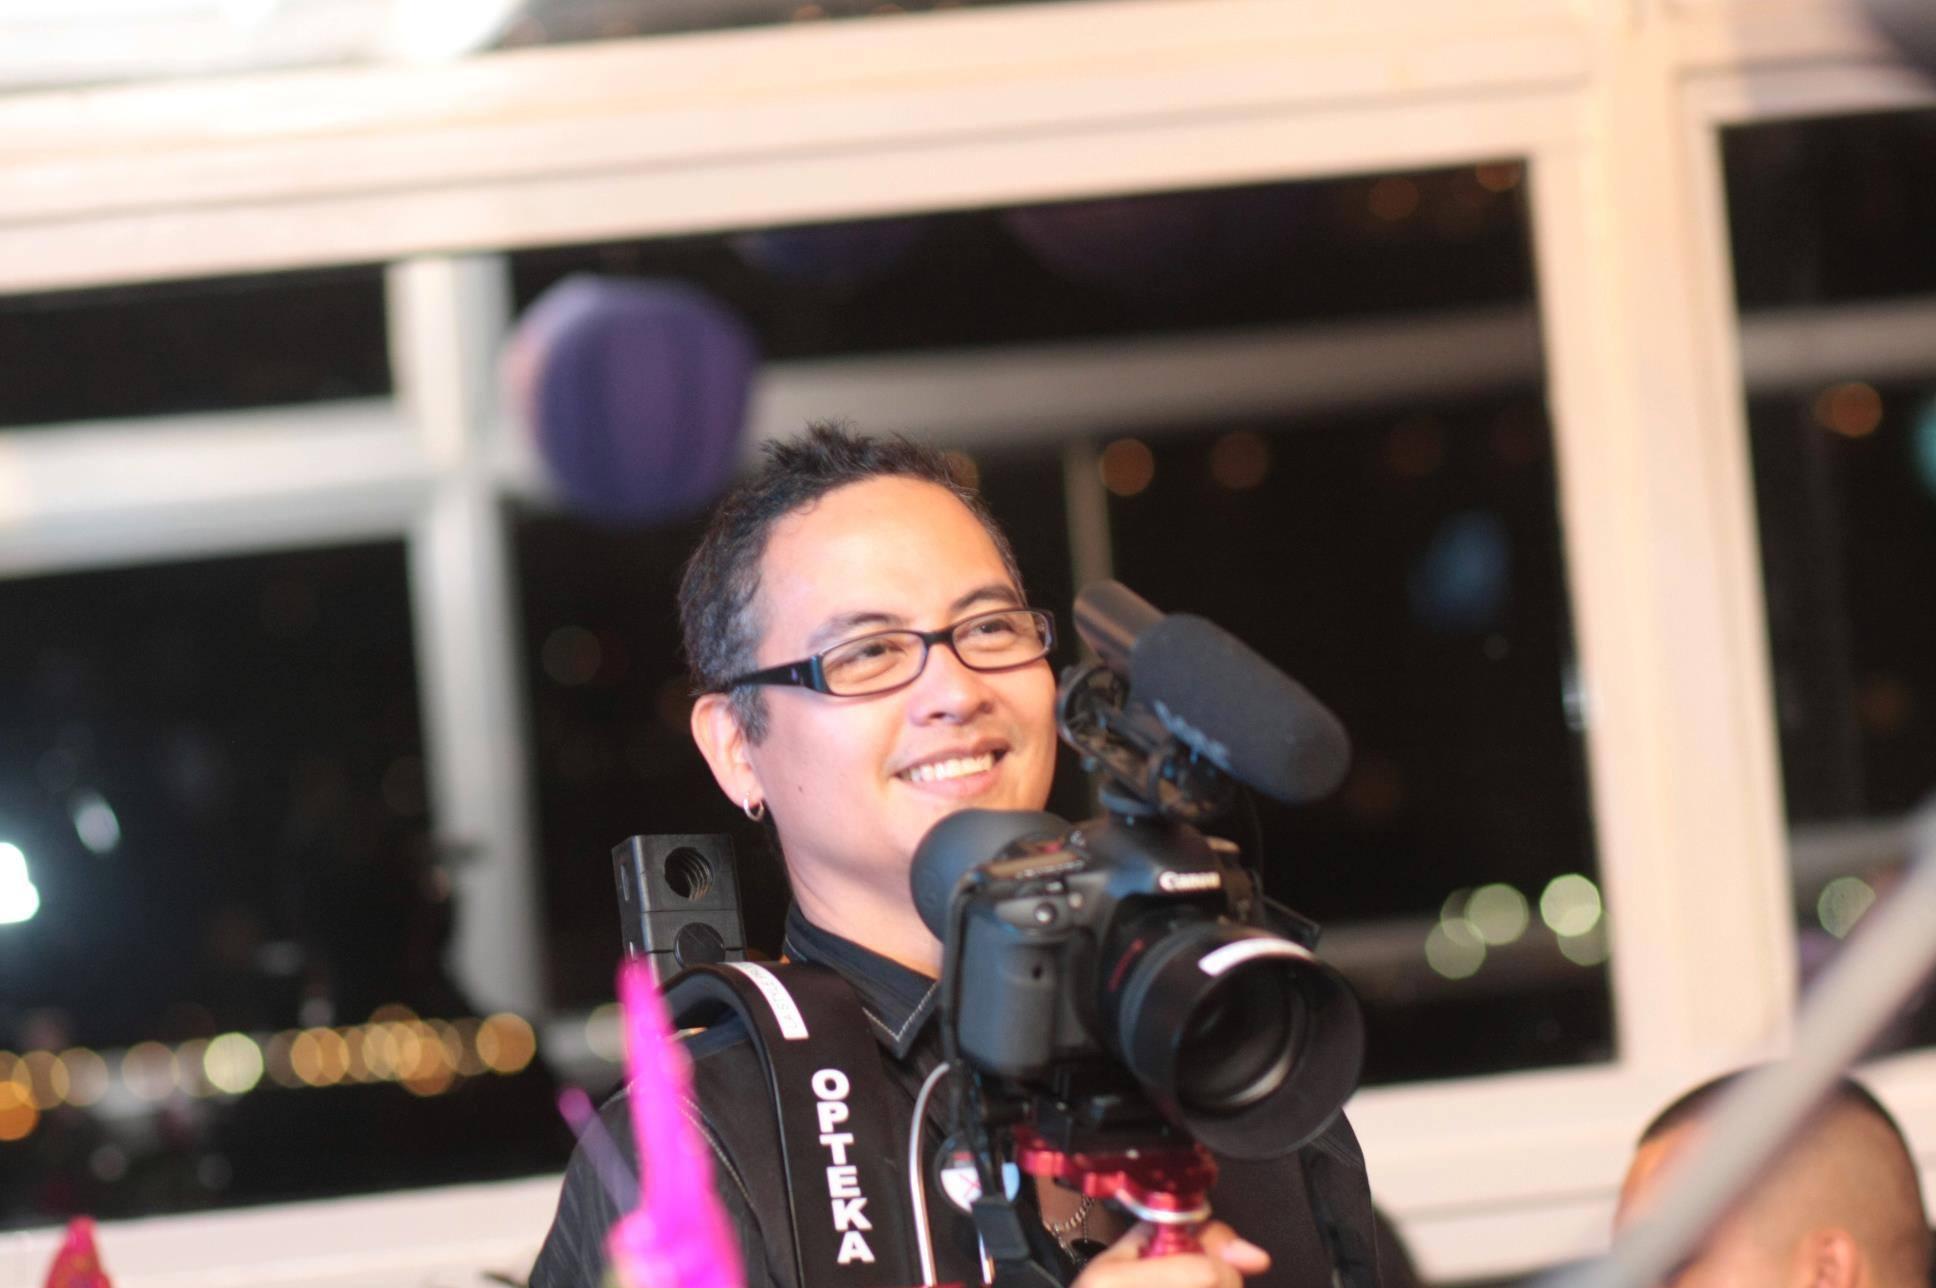 Ro & Canon 7D